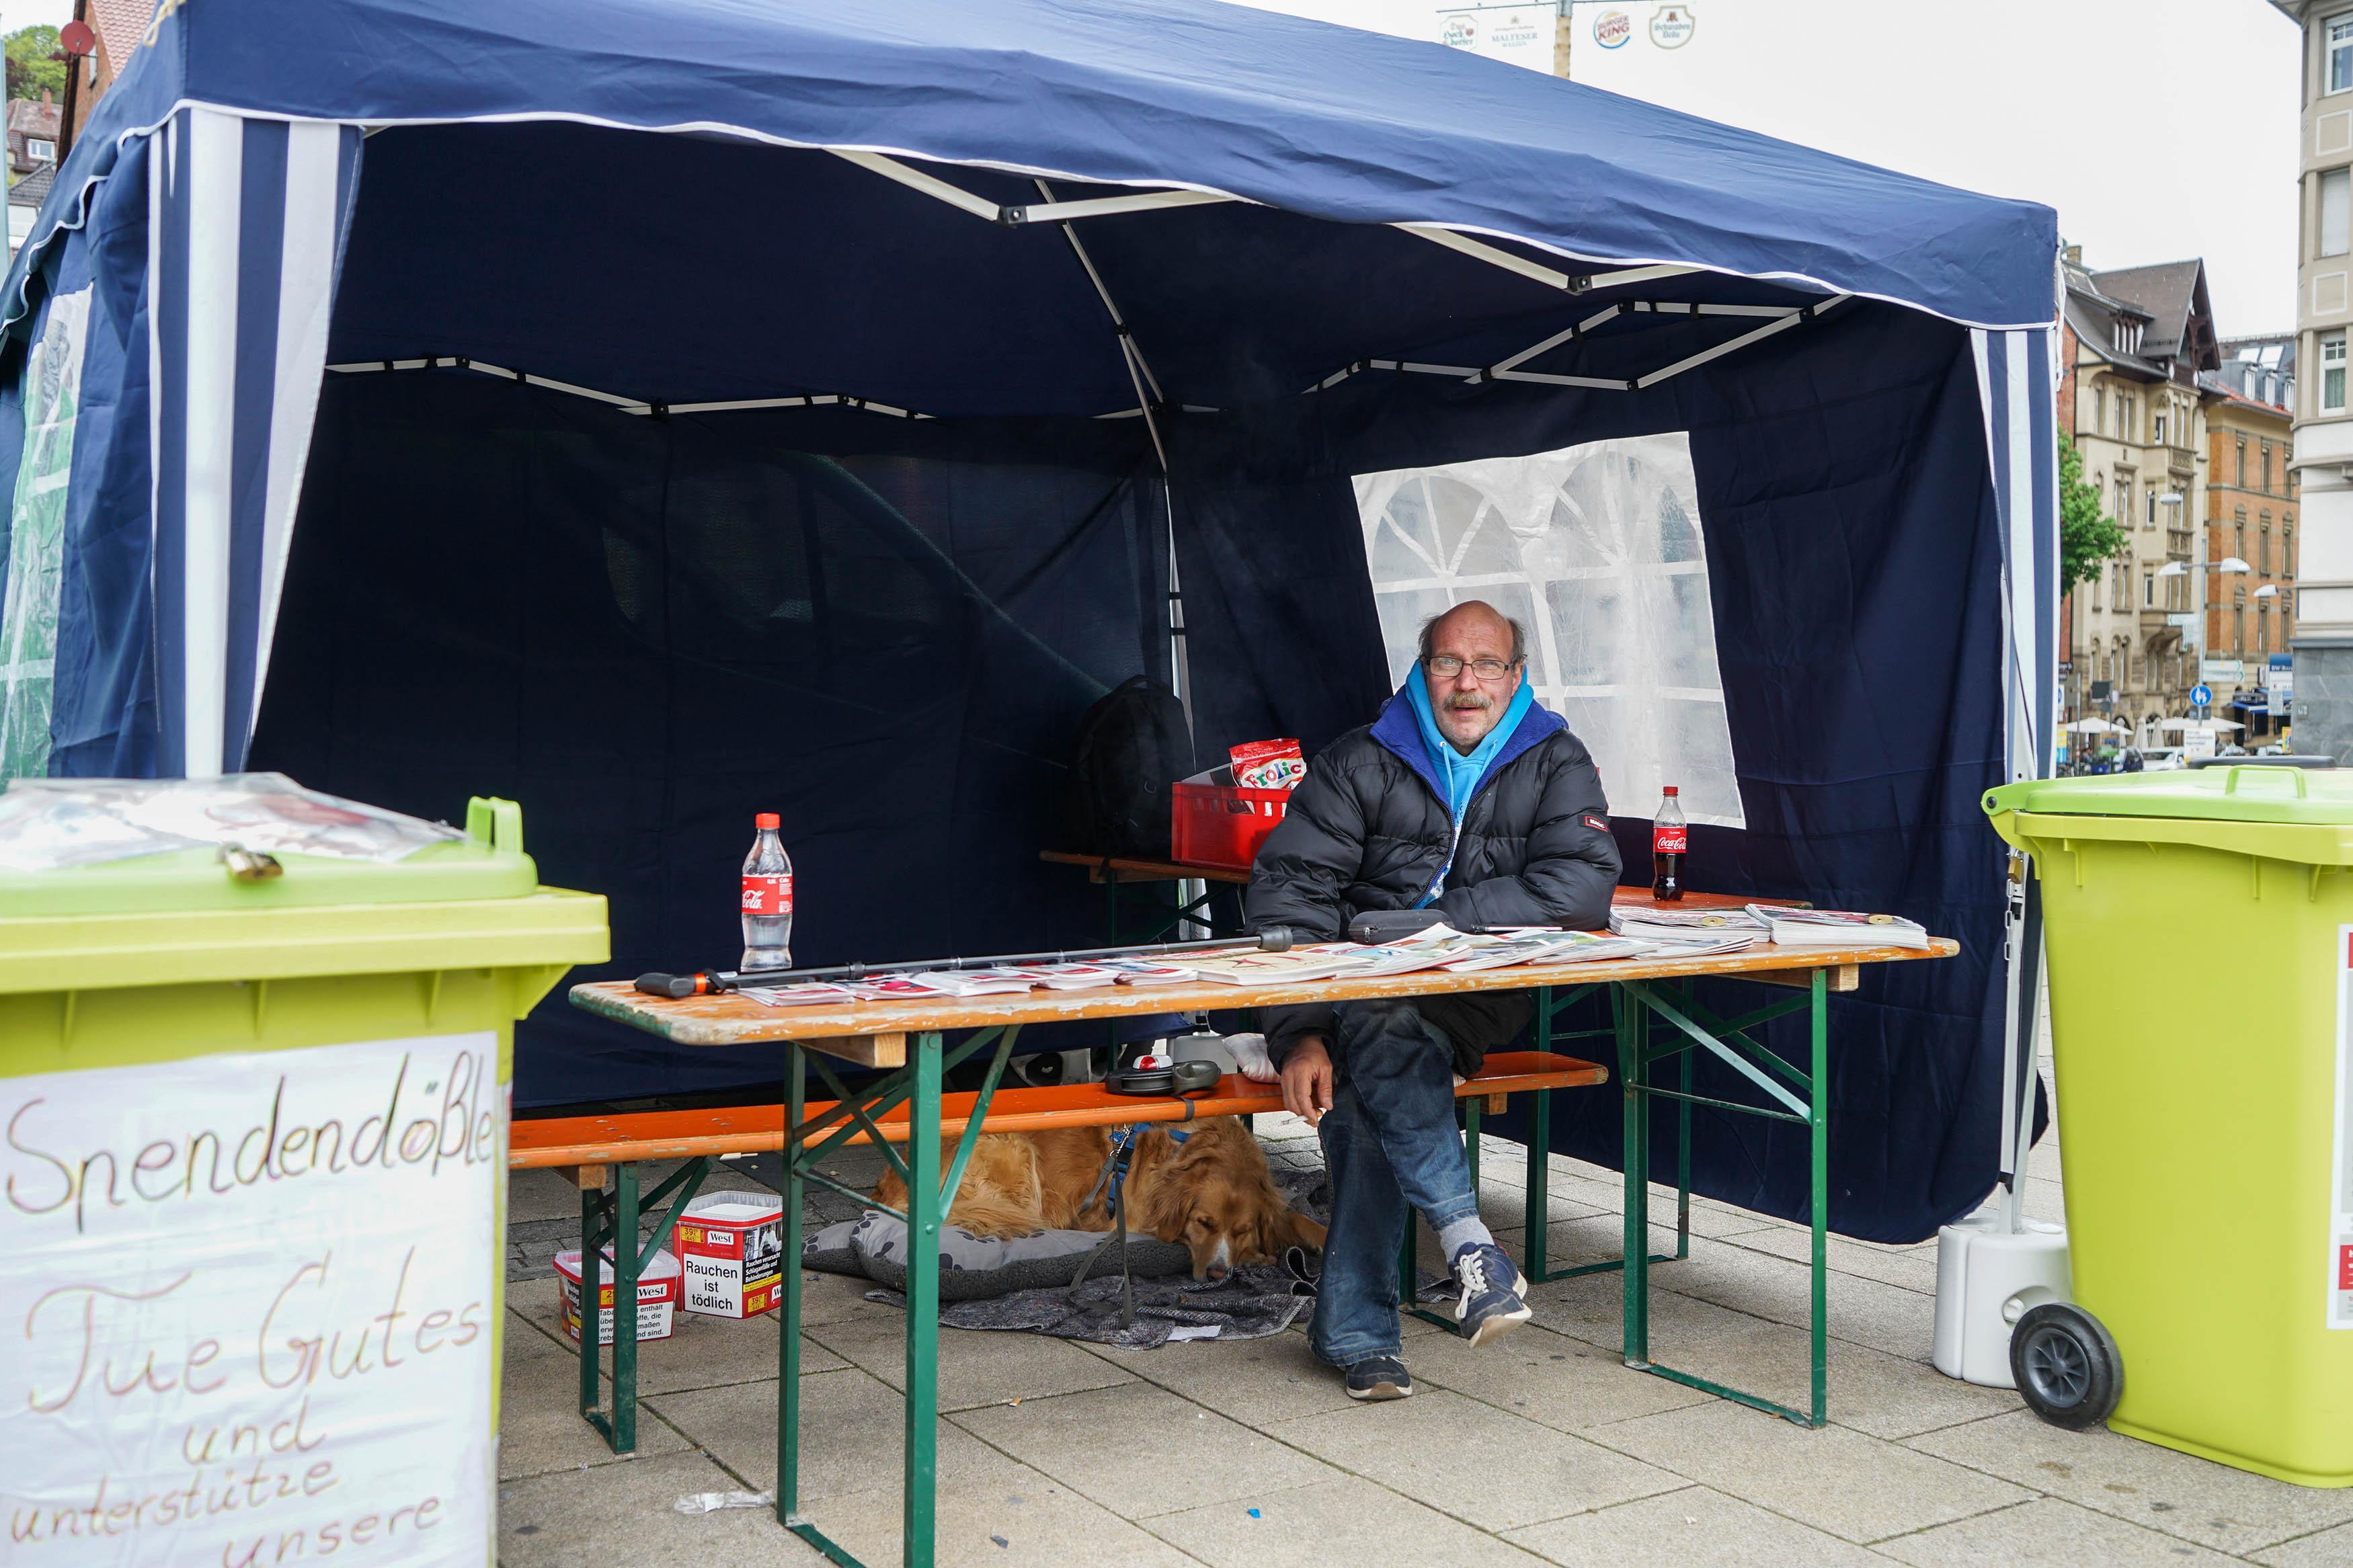 Mann mit dick gepolsteter blauem Anorak sitzt im offenen Zelt vor einer Bierbank